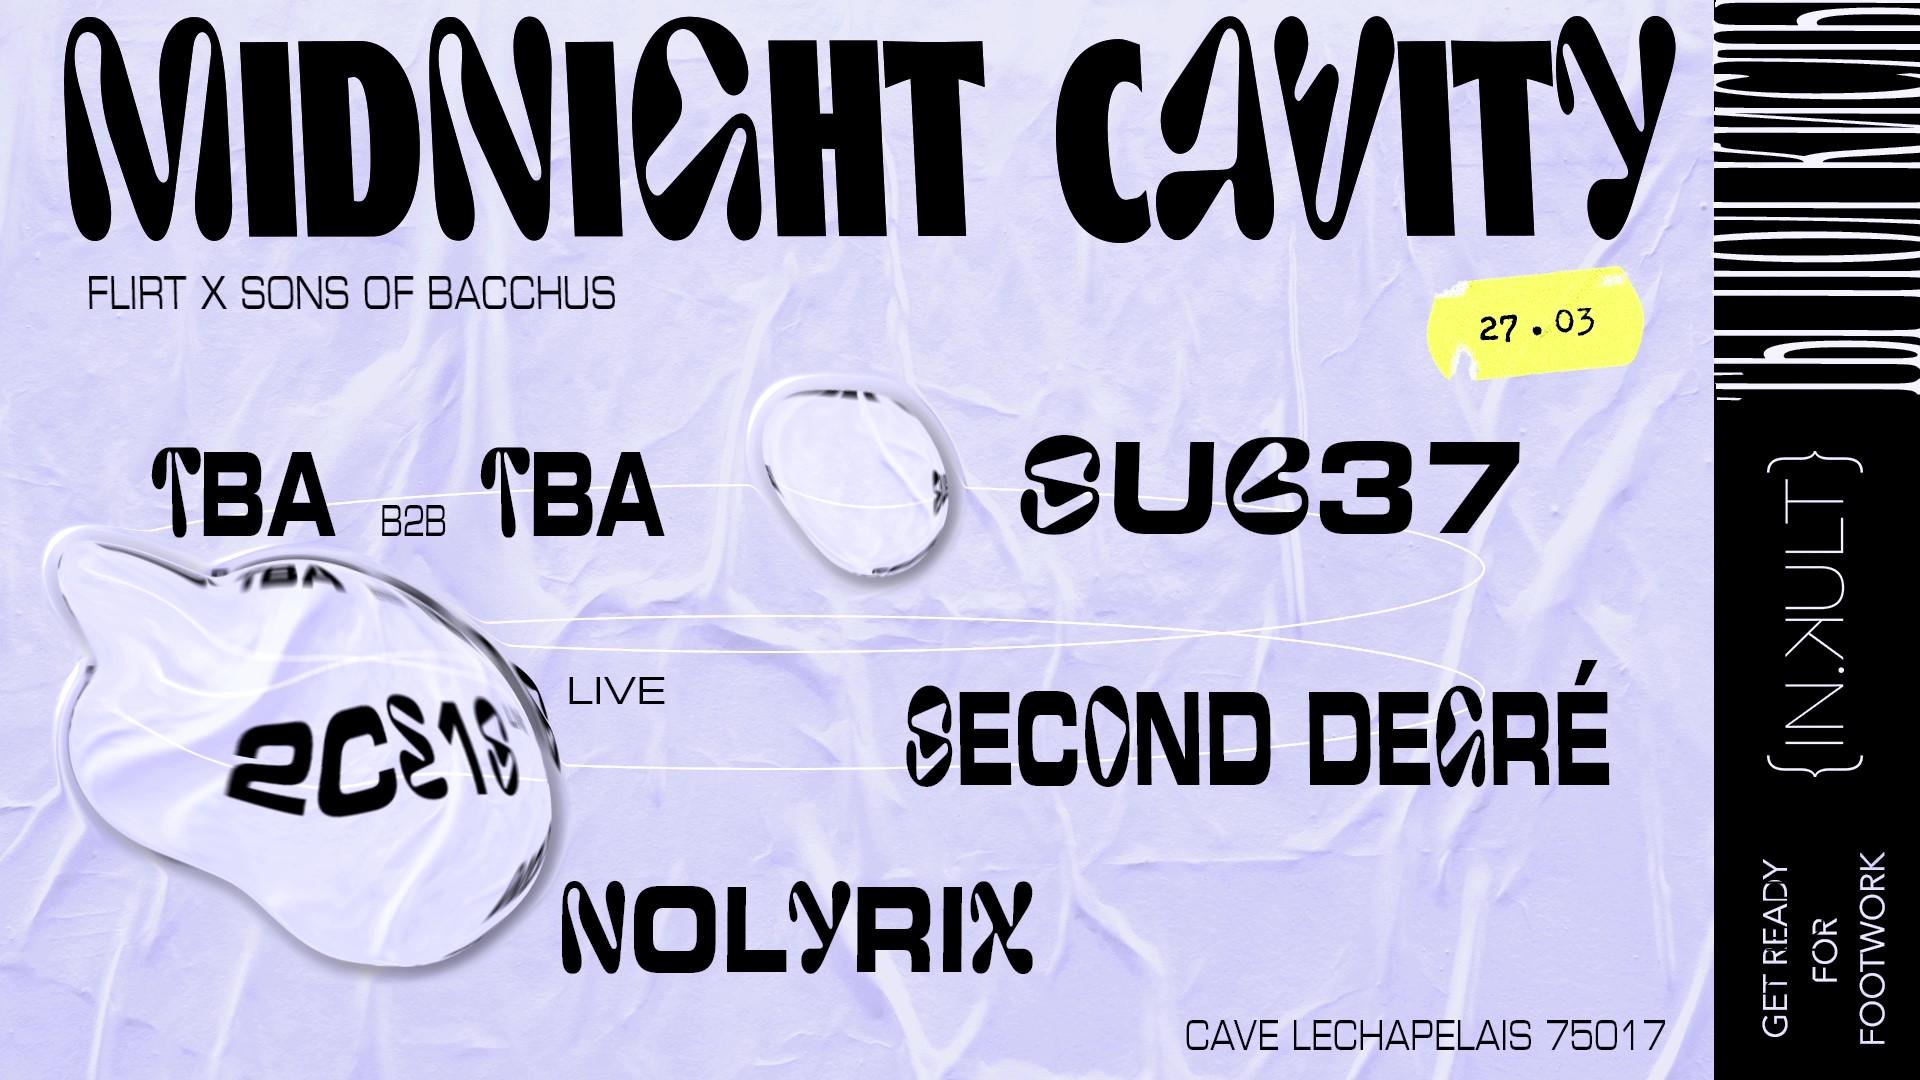 Midnight Cavity